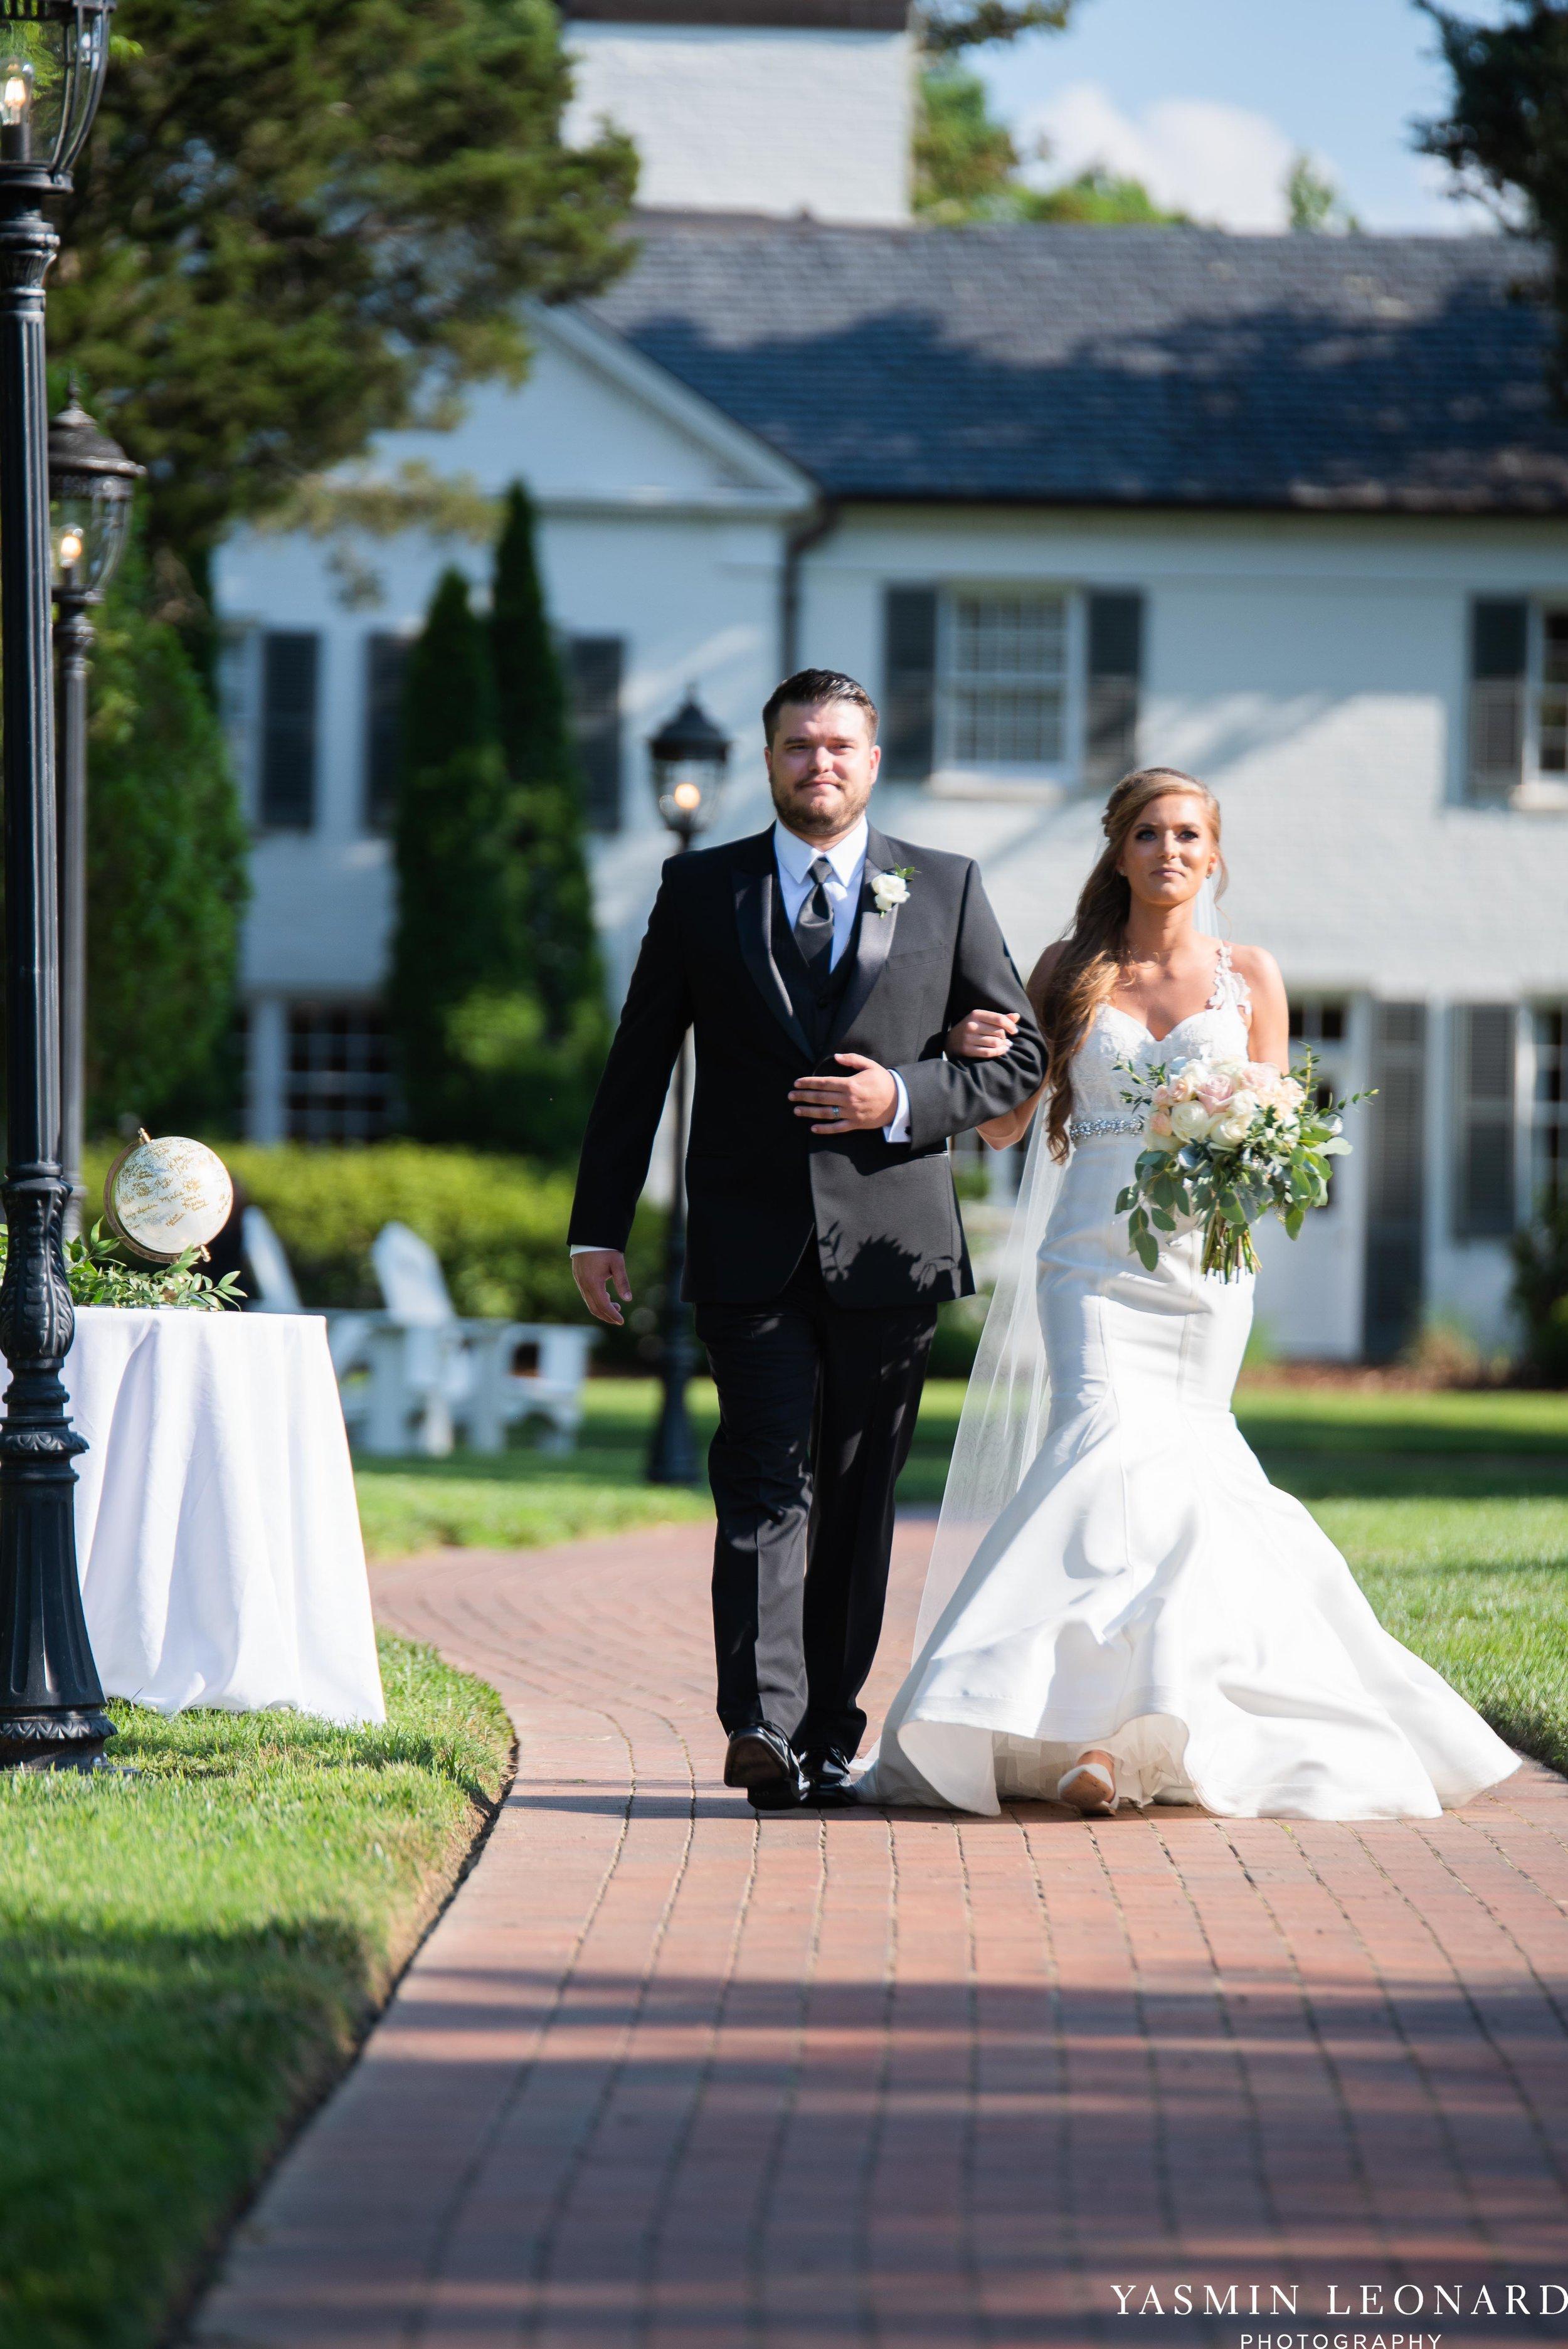 Boxwood Estate - Boxwood Estate Wedding - Luxury Wedding - Black and White Wedding - NC Wedding Venues - NC Weddings - NC Photographer - Lantern Release Grand Exit - Large Wedding Party - Yasmin Leonard Photography-27.jpg